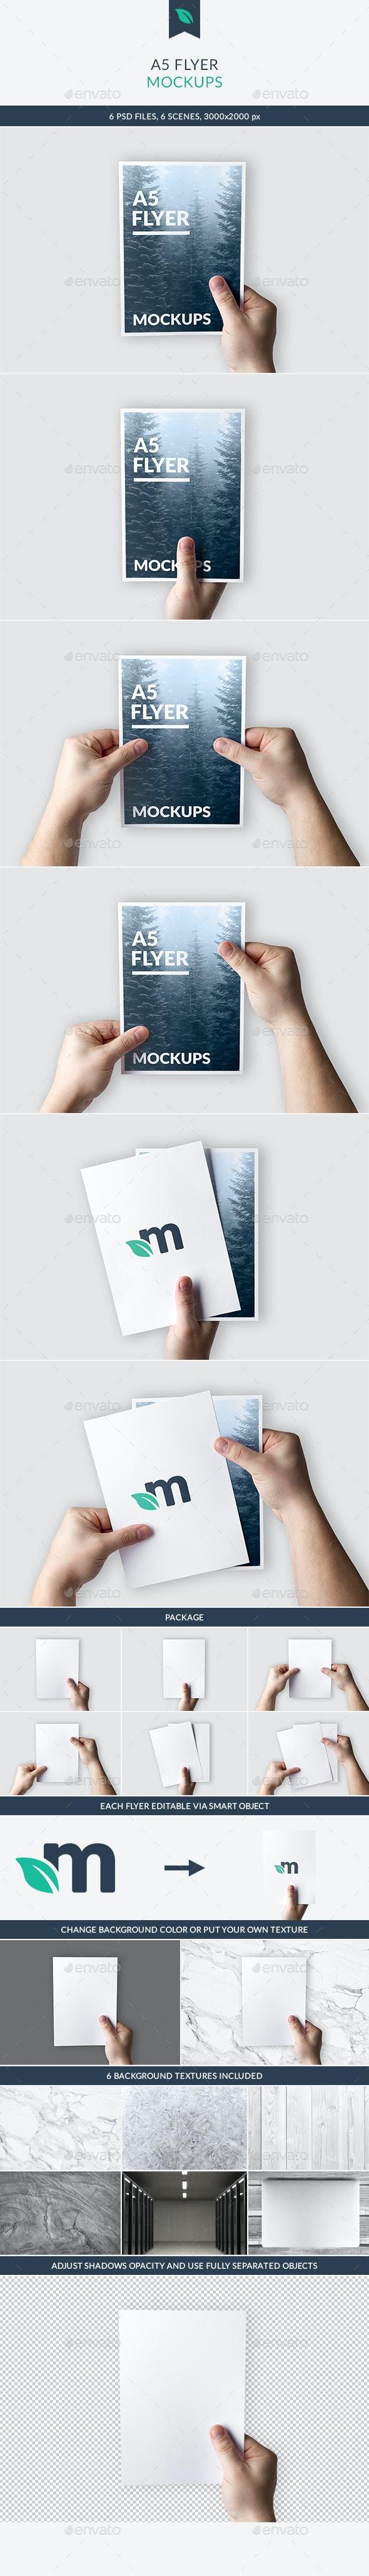 A5 Flyer Mockups - Flyers Print